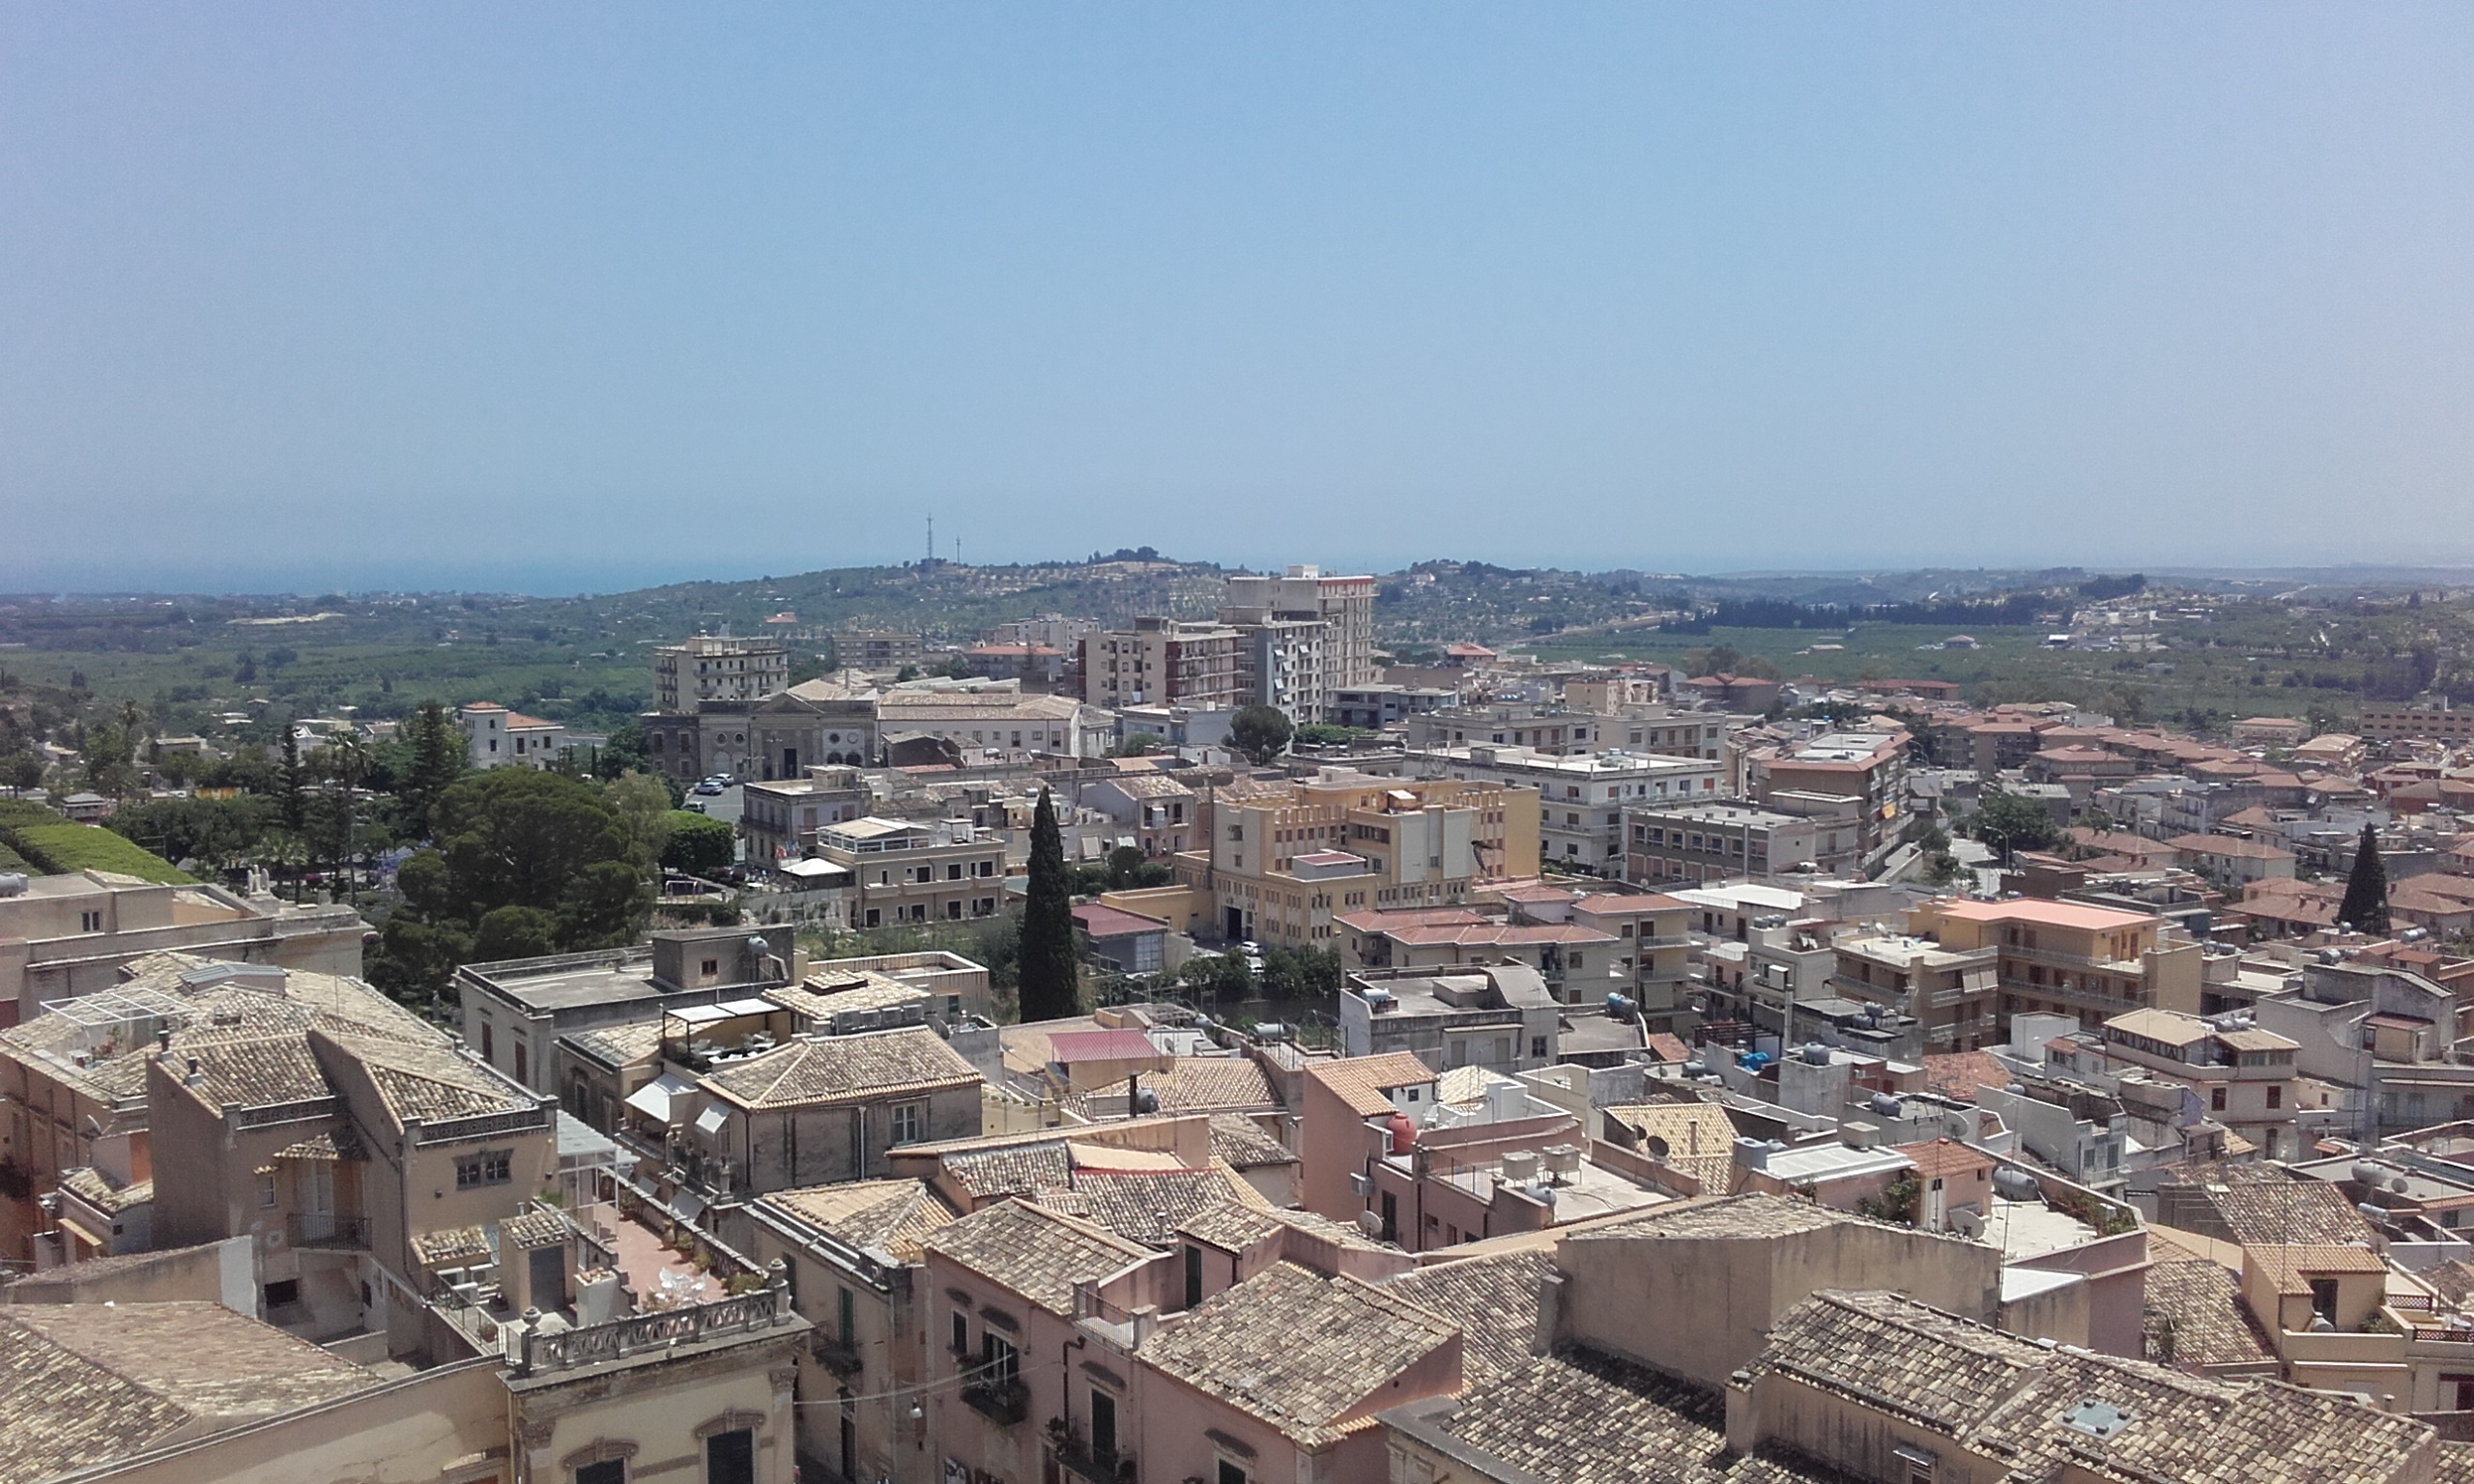 Vistas de la ciudad de Noto desde la Basílica del Santo Salvatore